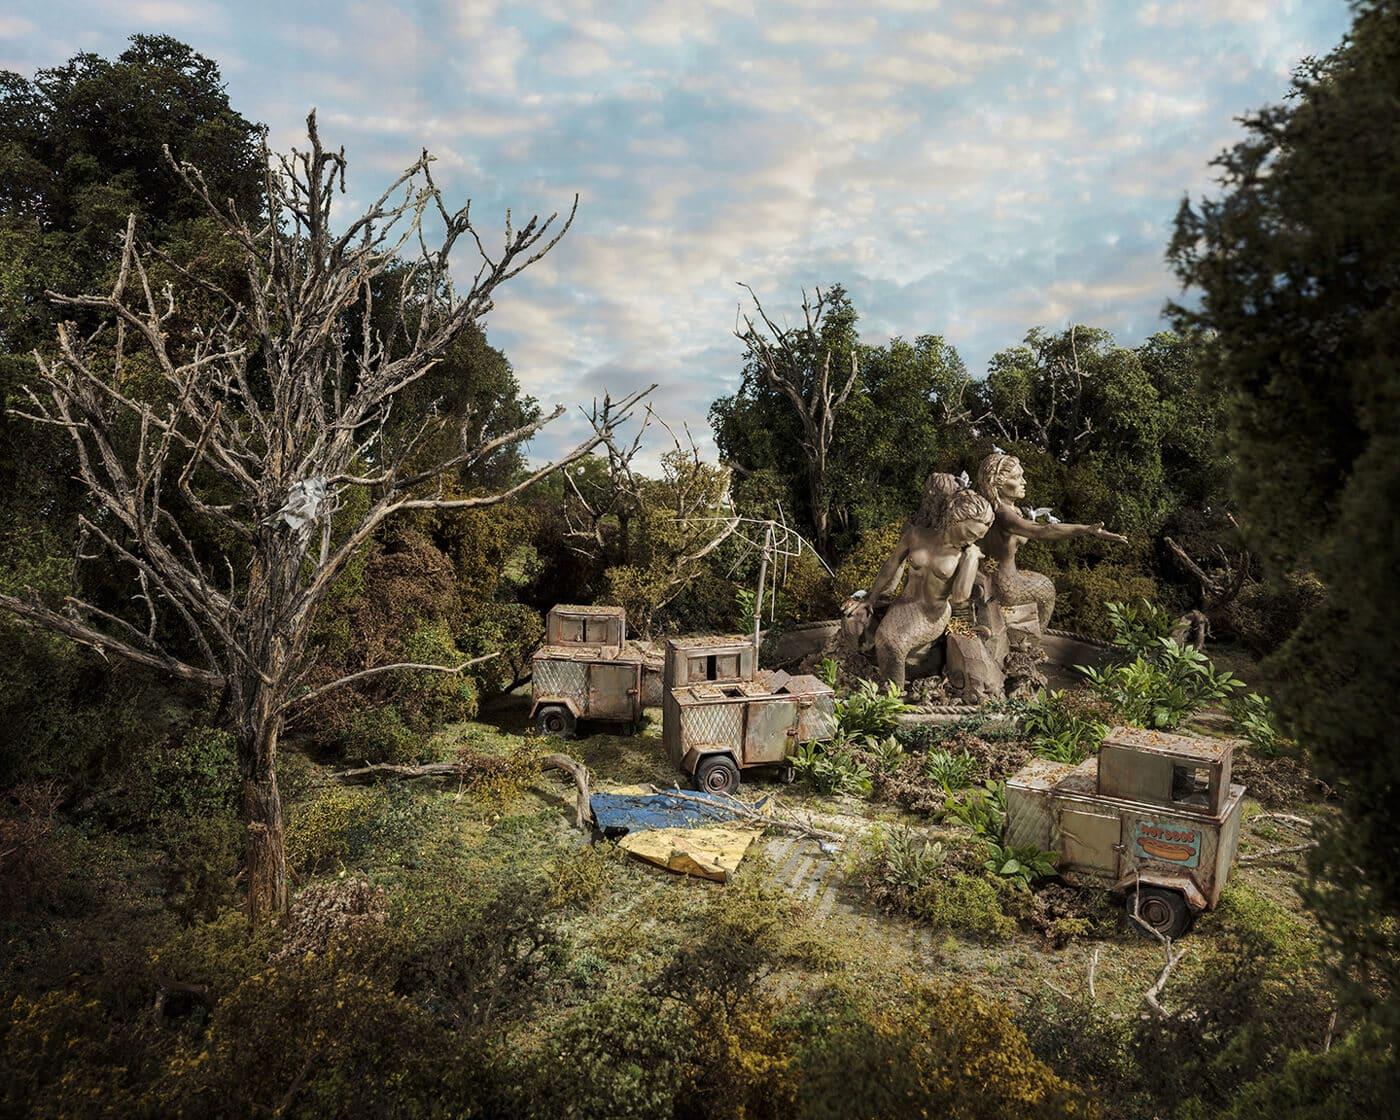 мир после апокалипсиса - серия «Империя», фото4